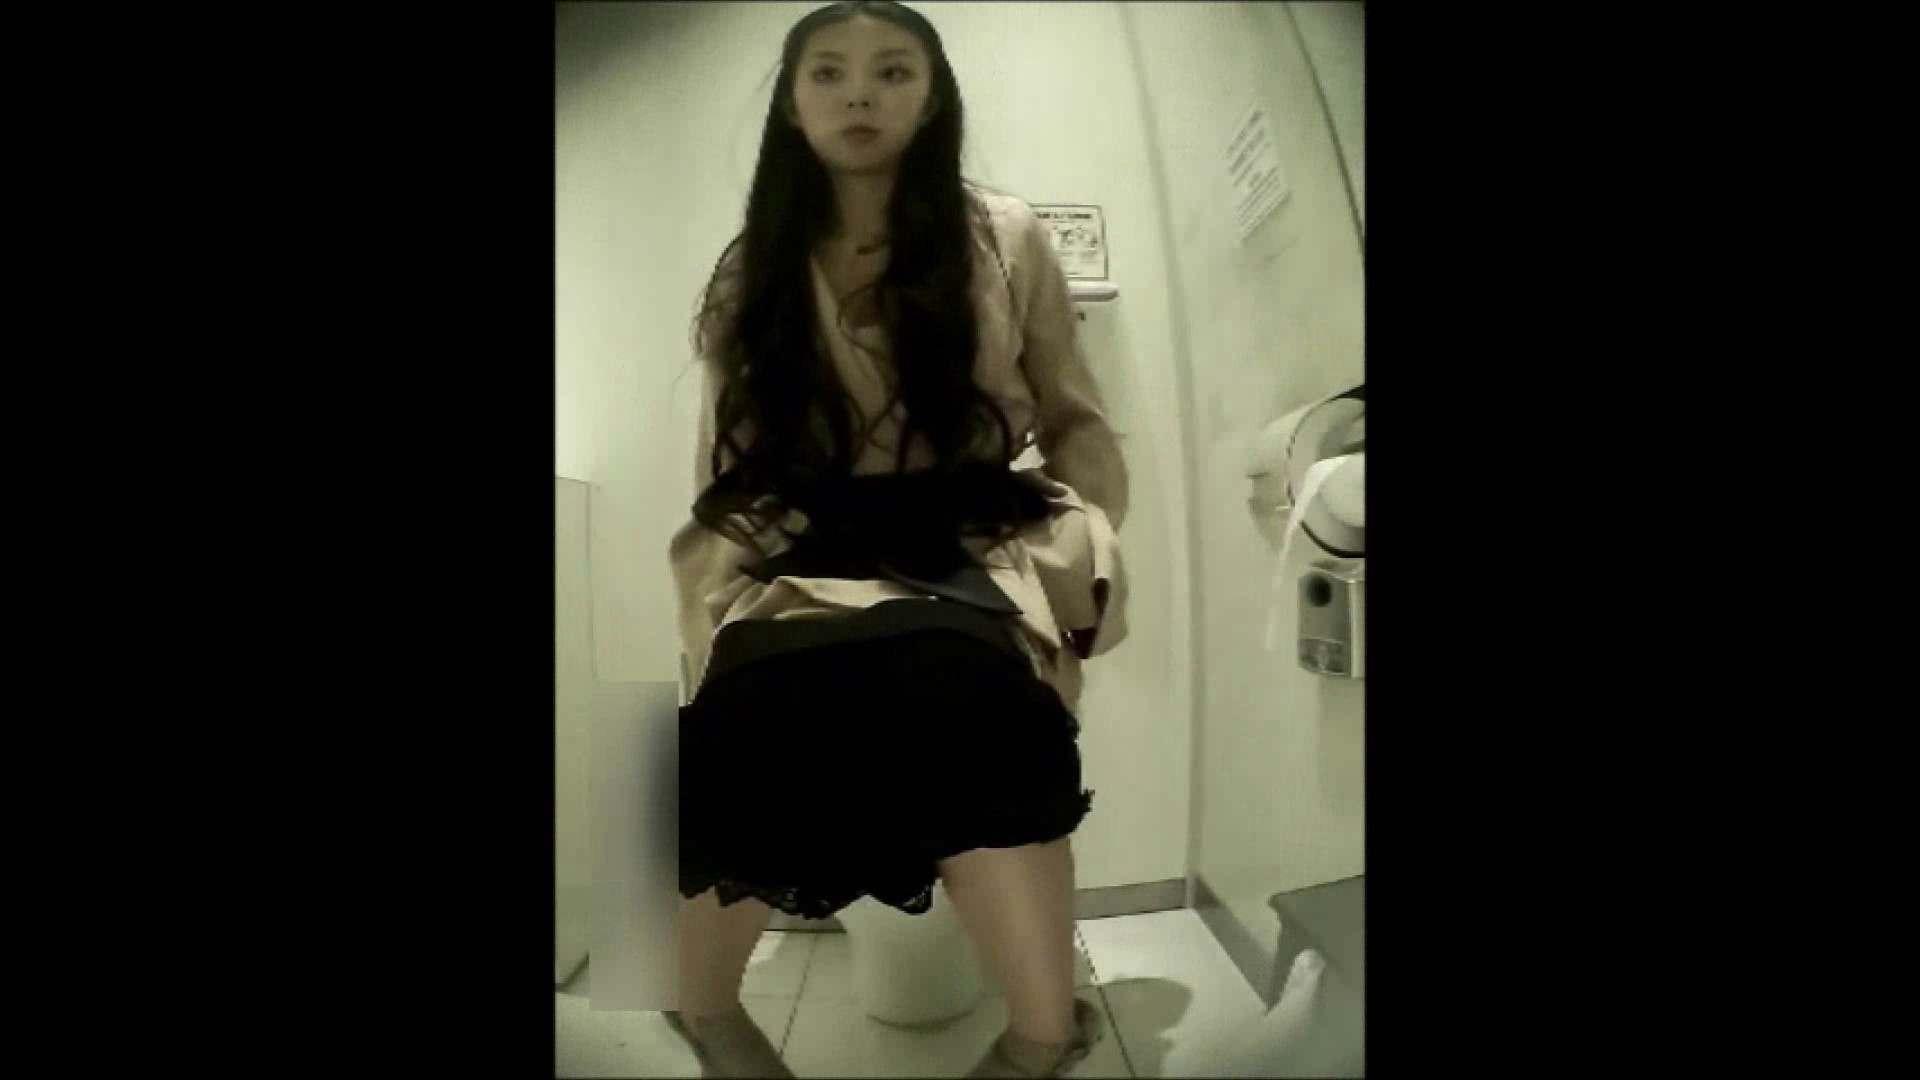 洗面所盗撮~隣の美人お姉さんVol.14 小悪魔ギャル アダルト動画キャプチャ 93連発 3